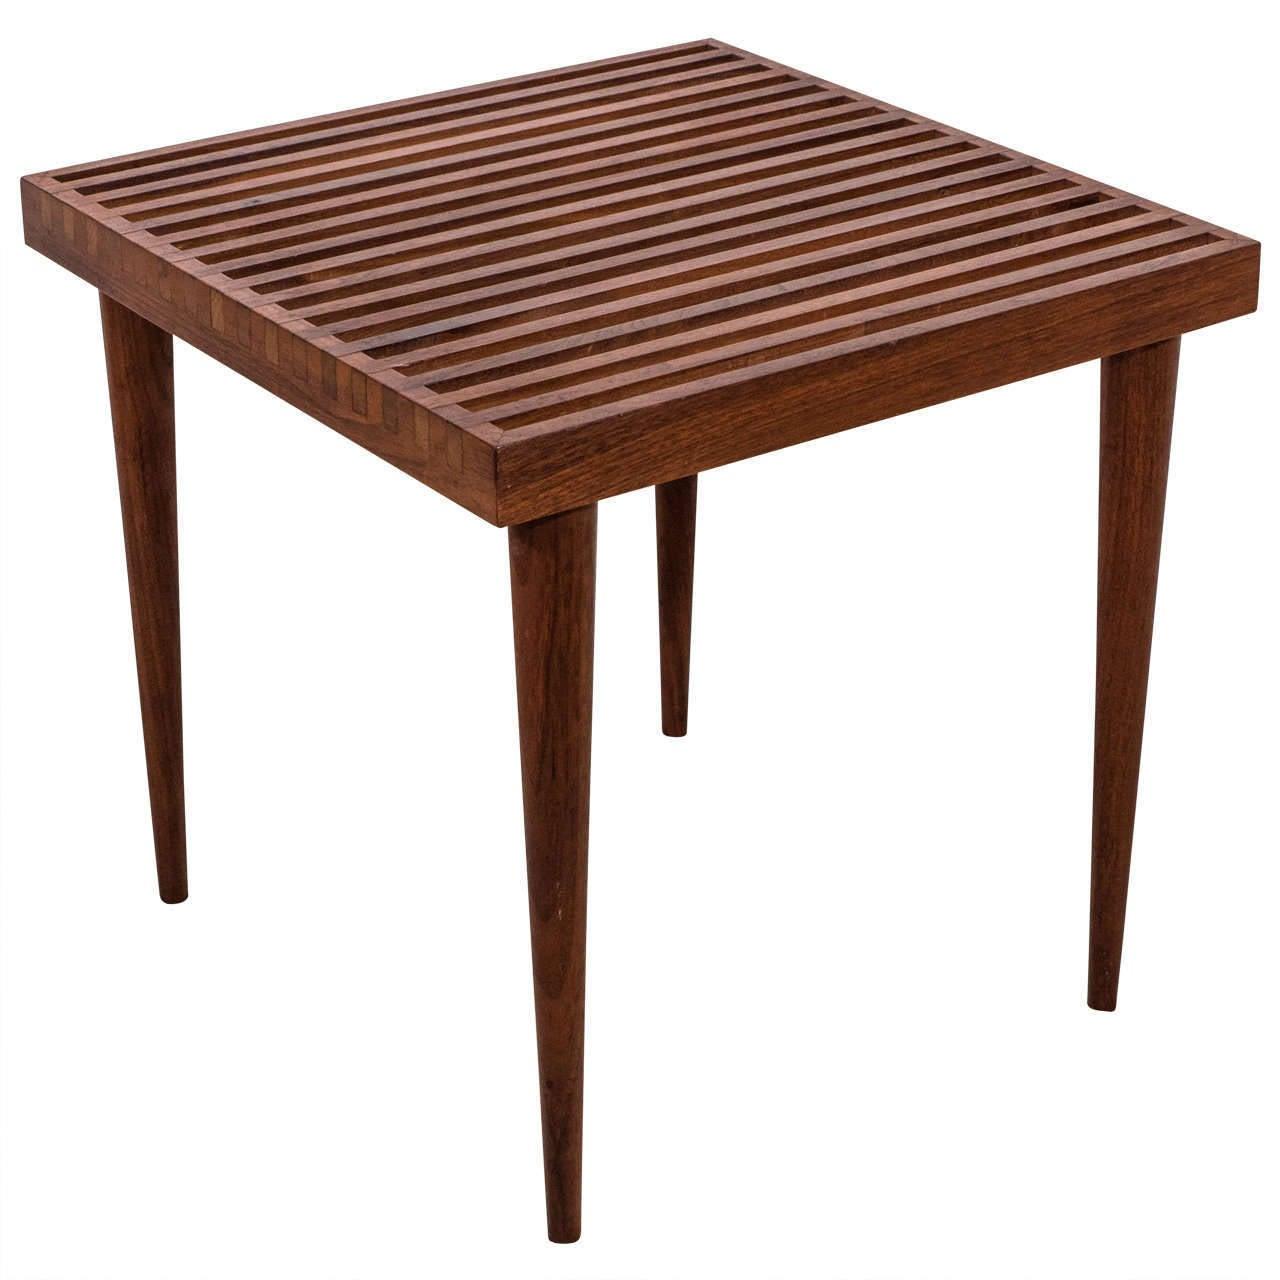 Vintage scandinavian modern slat wood side or end table for Wood side table